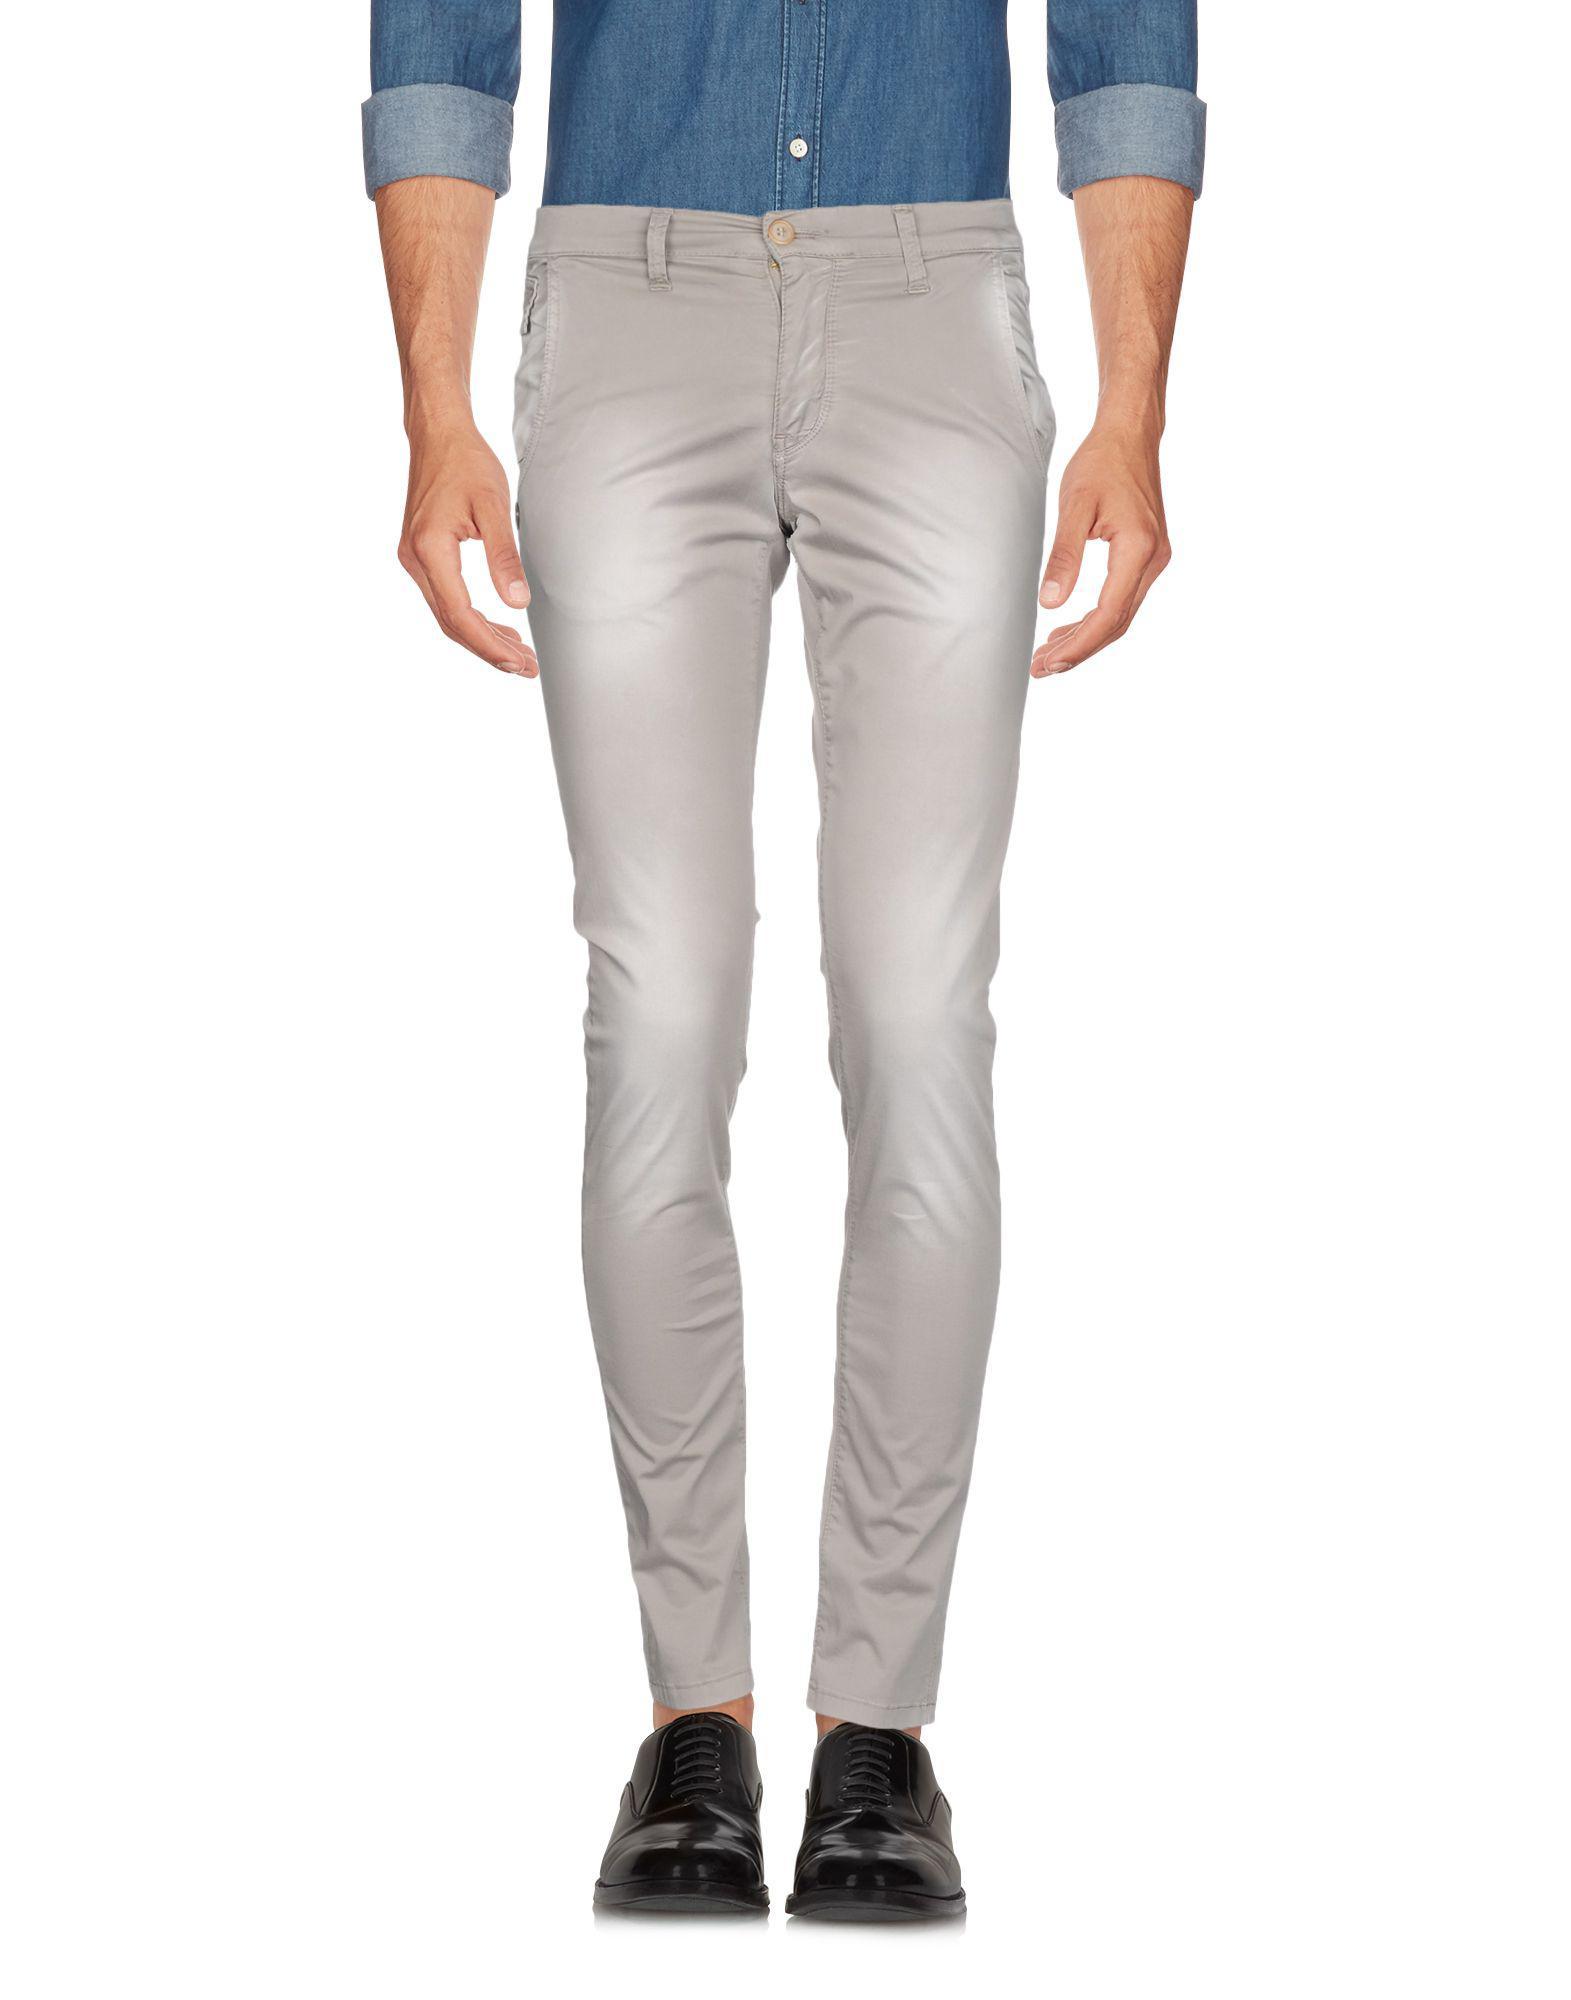 TROUSERS - Casual trousers Klixs Jeans vyMJsCxL